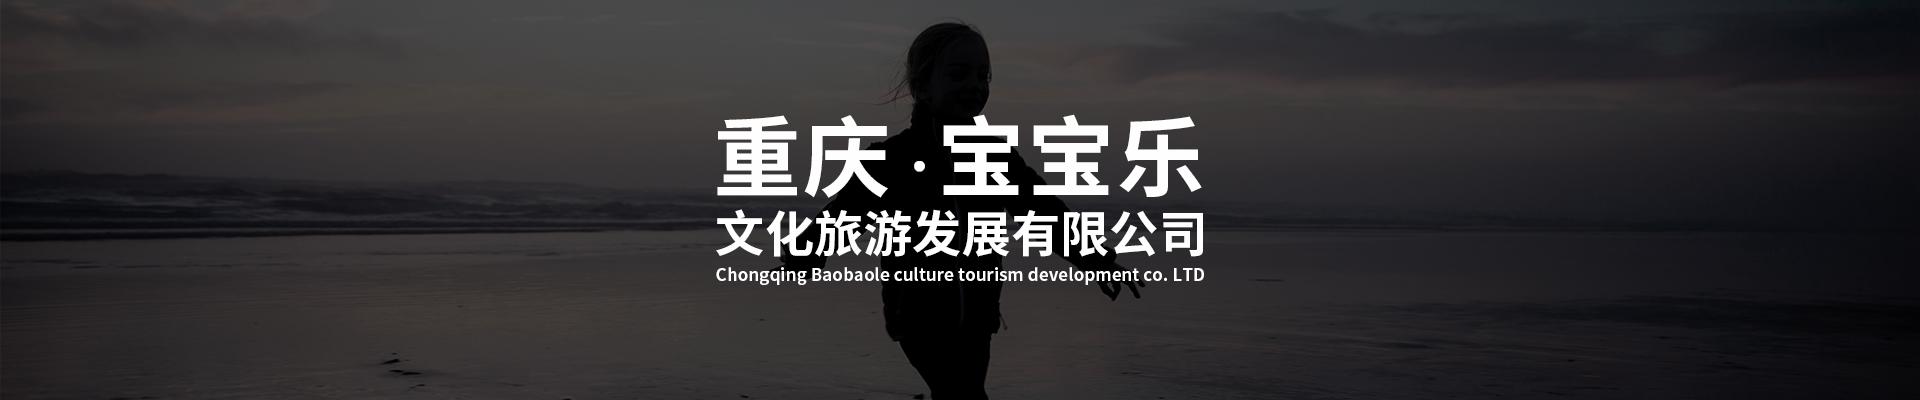 重庆儿童乐园建设